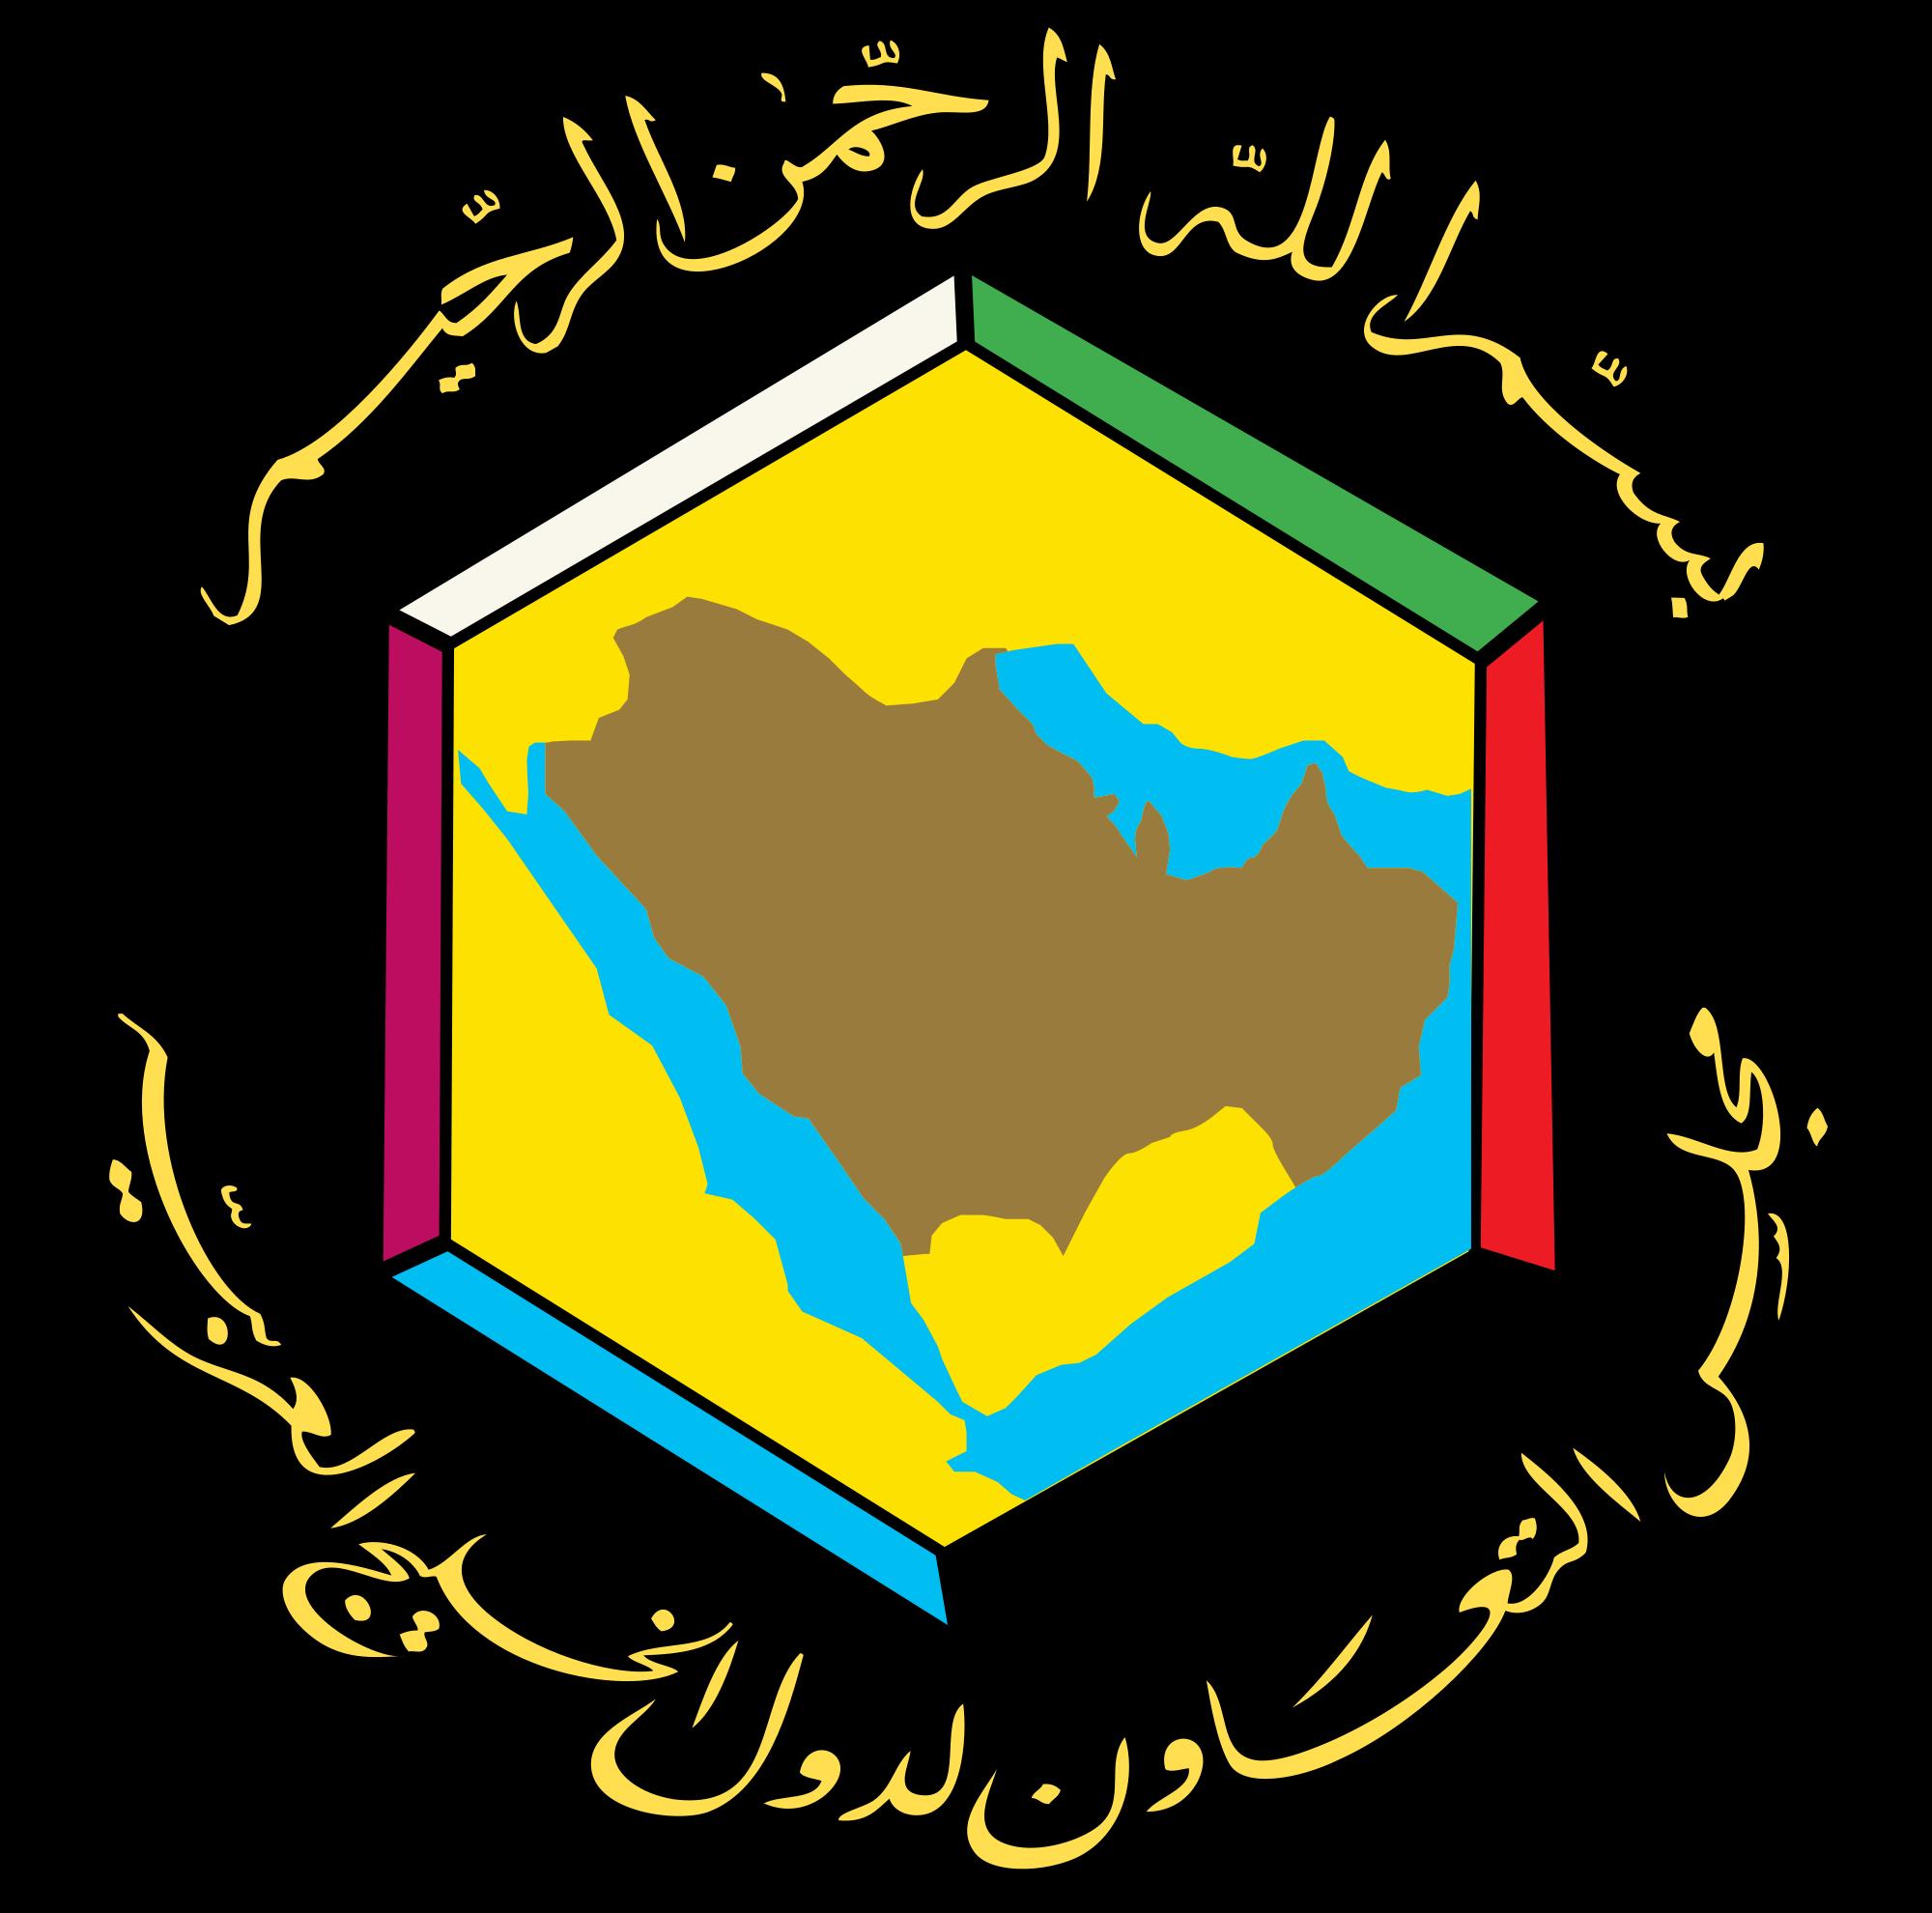 اليمن مجلس التعاون يستنكر الاعتداء على سفينة المساعدات الاماراتية في باب المندب Vehicle Logos Superhero Logos Logos